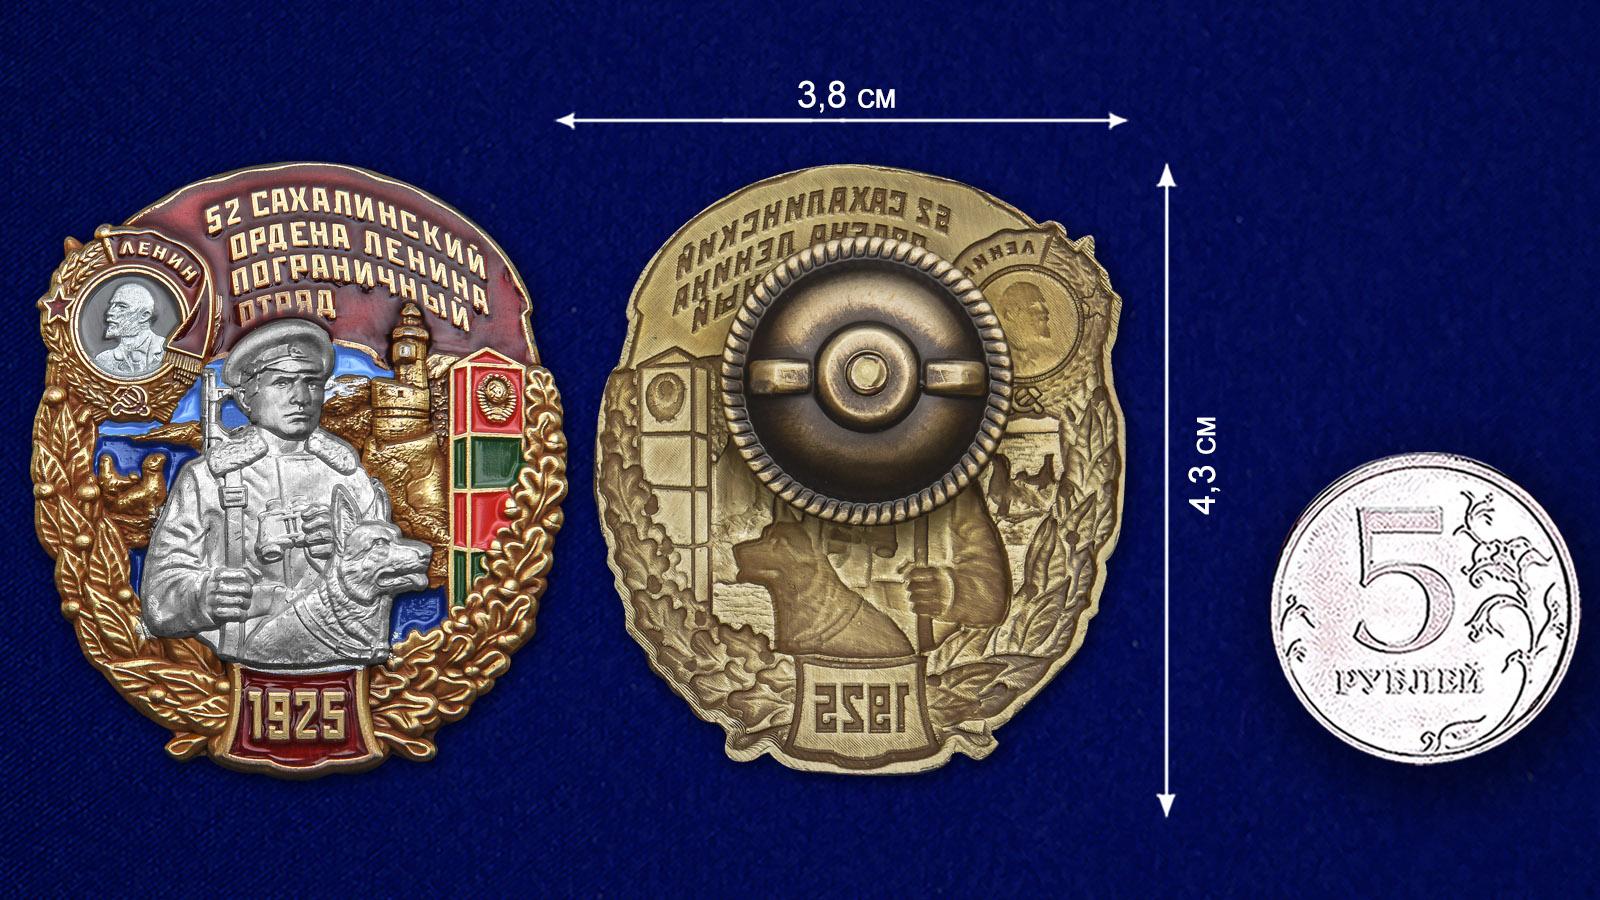 Нагрудный знак 52 Сахалинский ордена Ленина Пограничный отряд